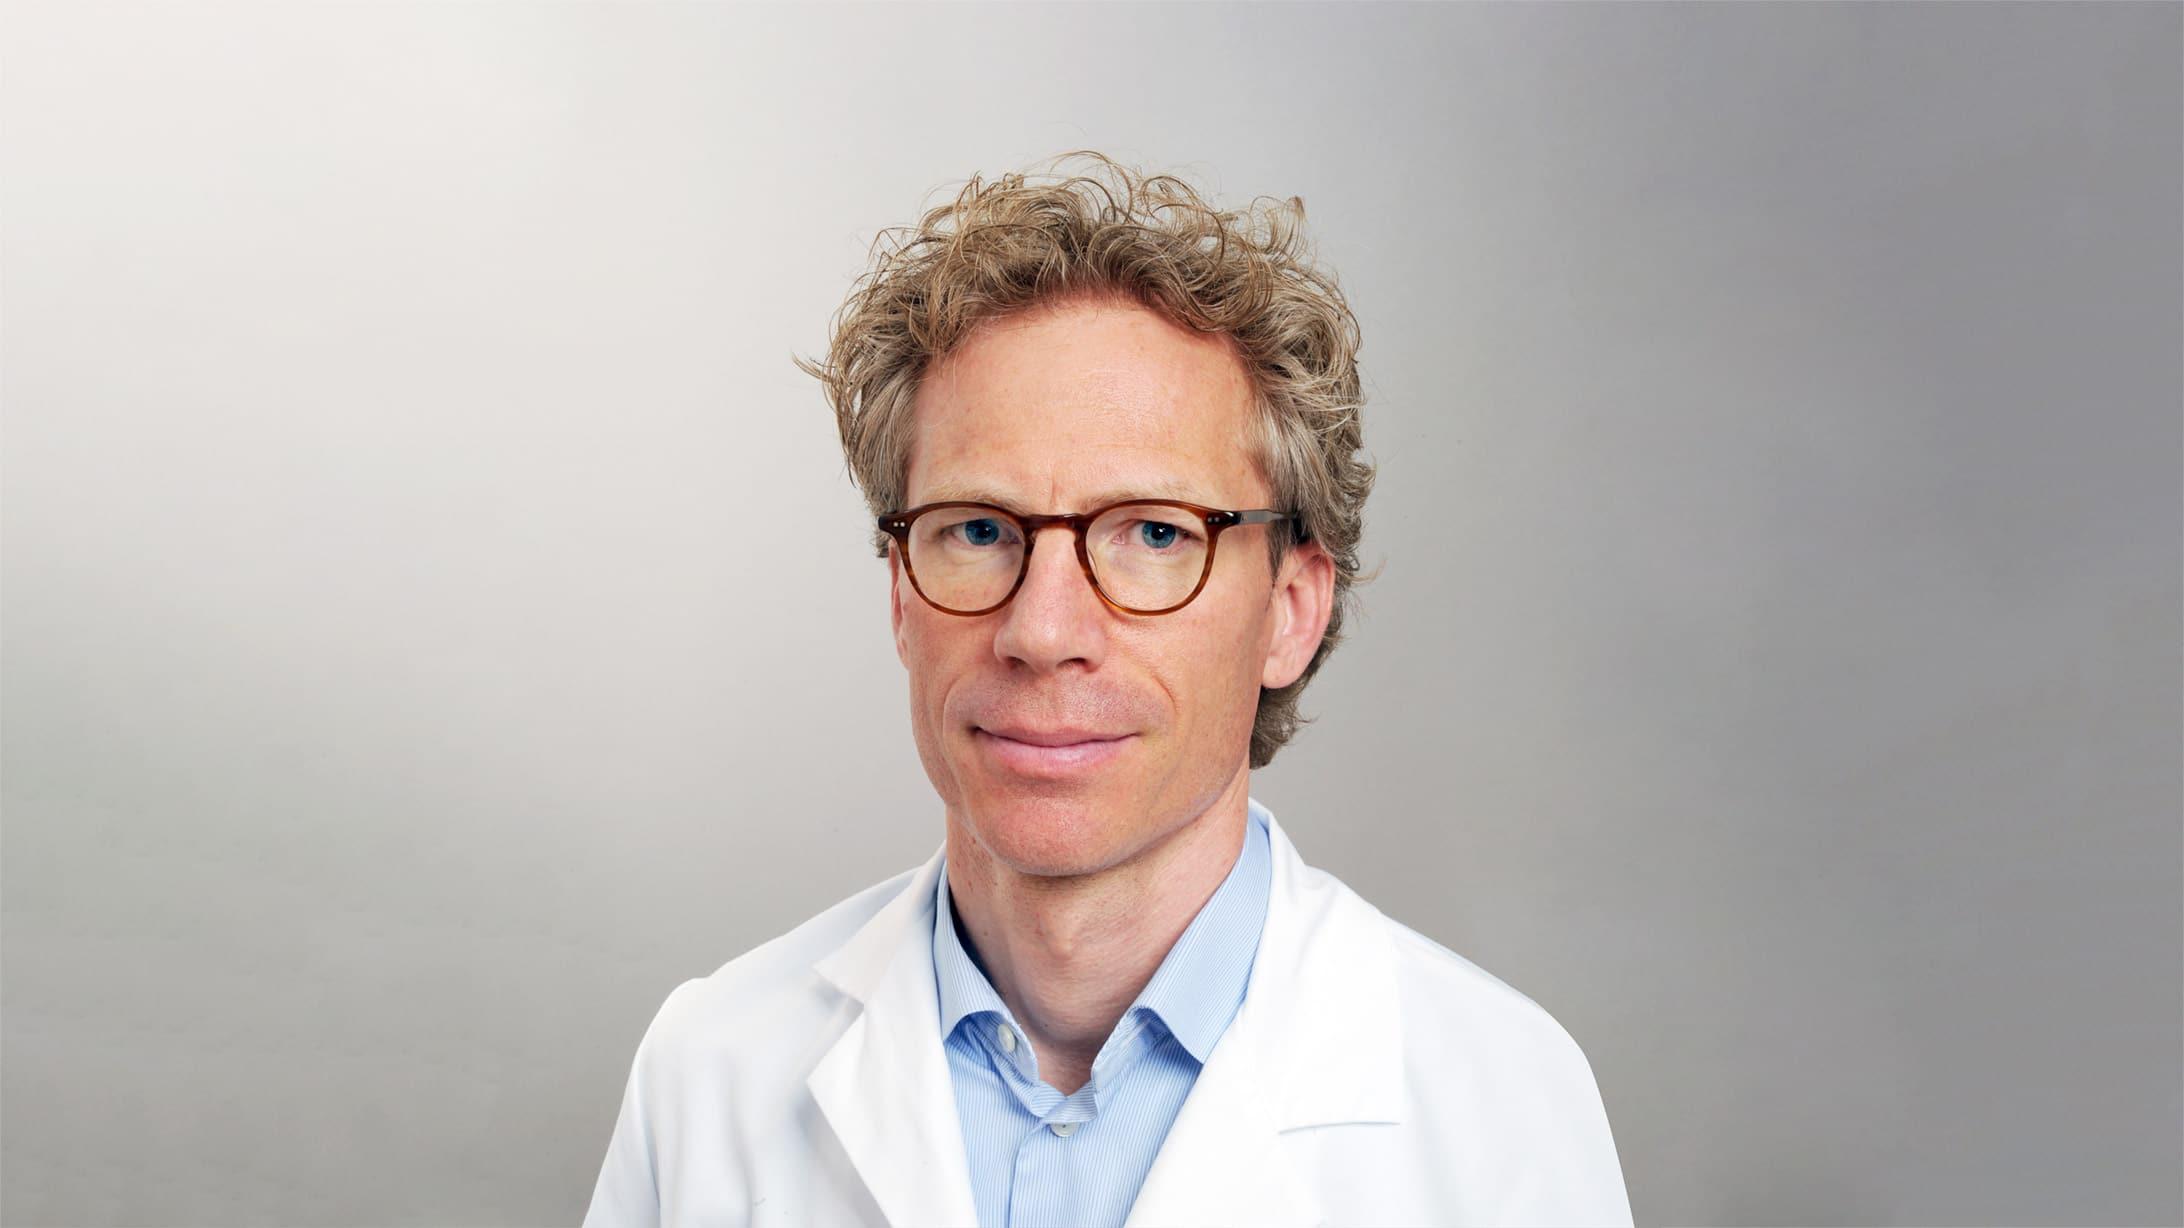 Leonhard Schäffer, Chefarzt für Geburtshilfe und Pränataldiagnostik am KSB, spricht über Schwangerschaft in Zeiten des Coronavirus.